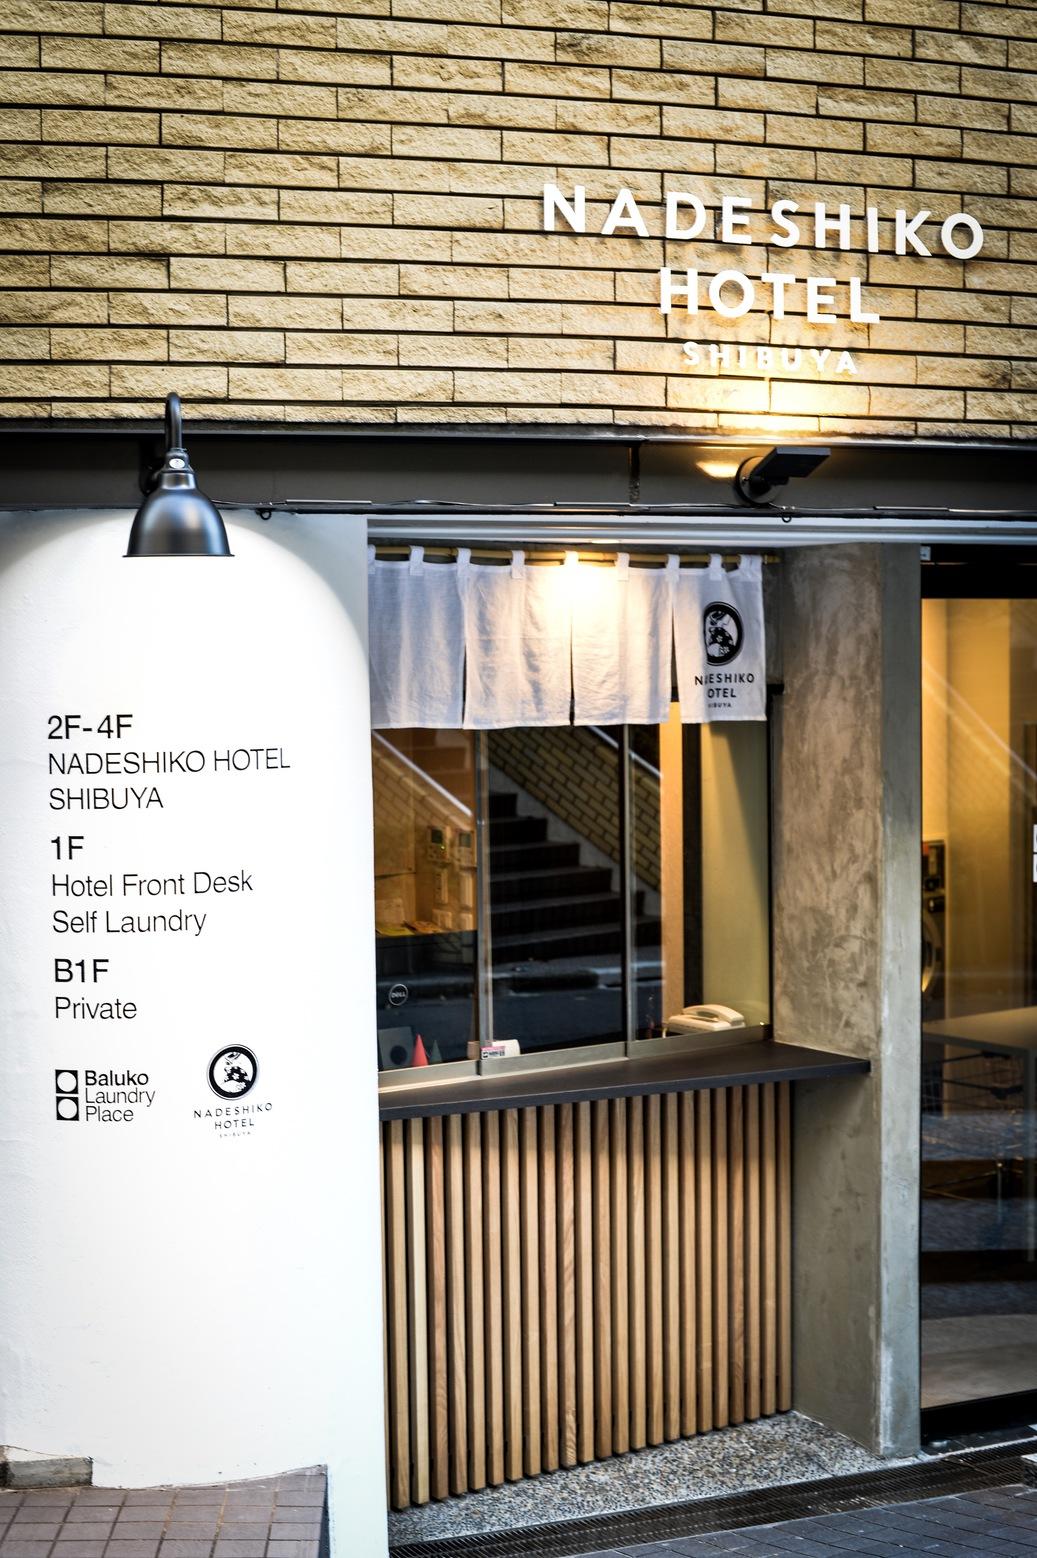 NADESHIKO HOTEL SHIBUYA image